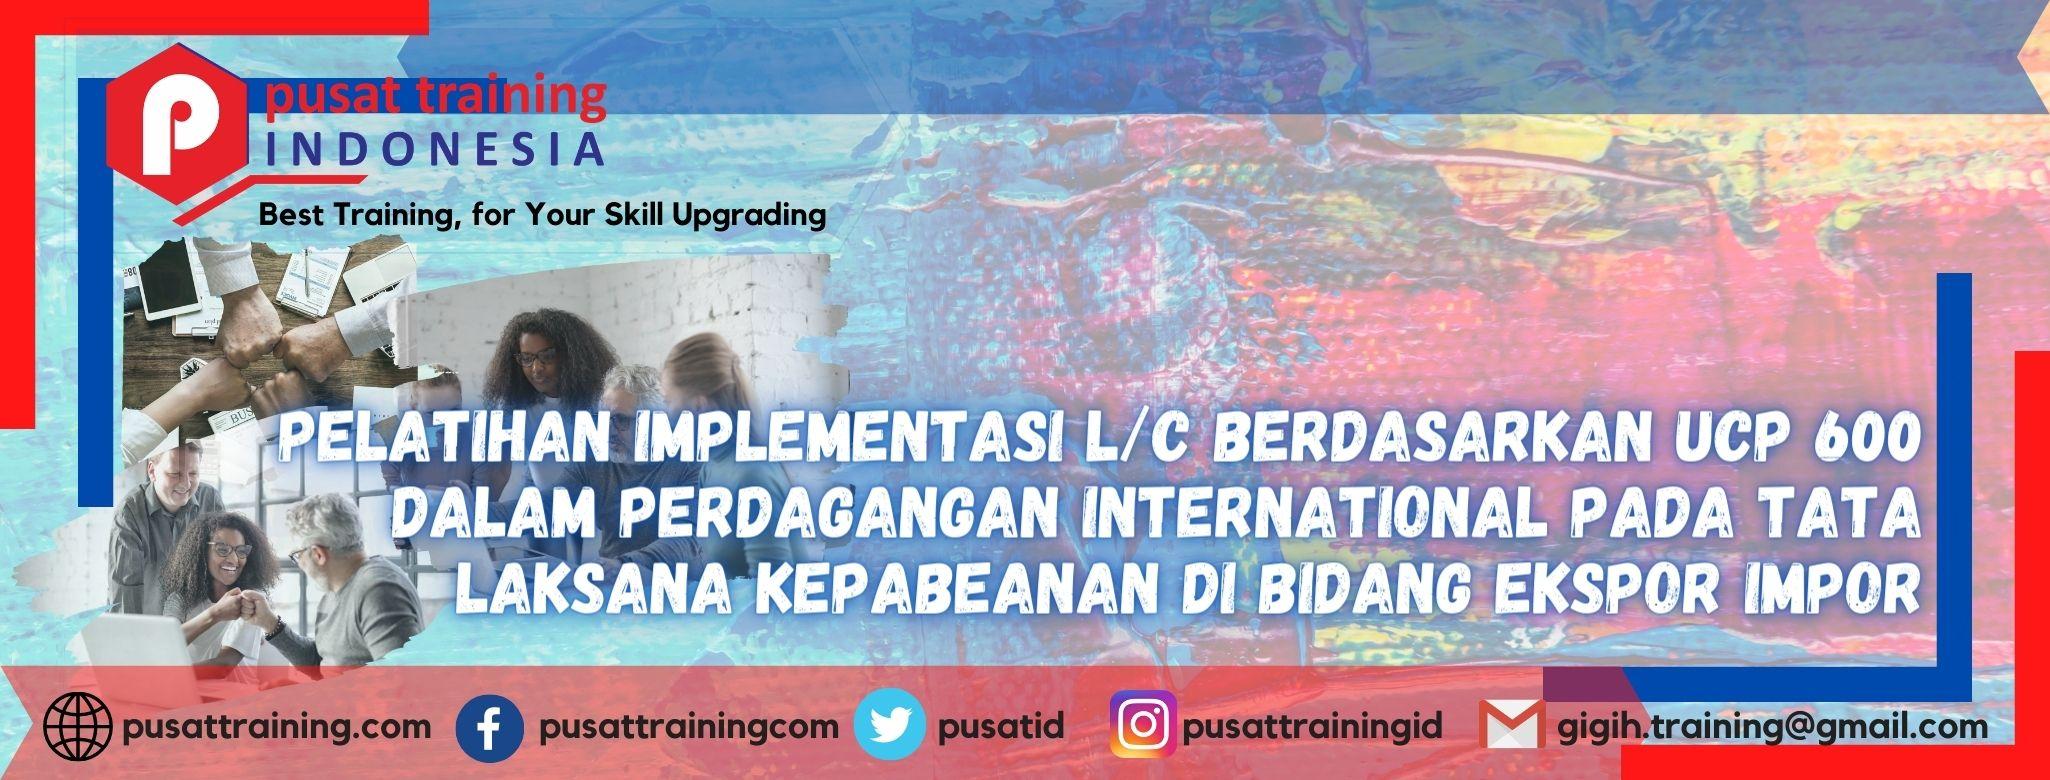 pelatihan-implementasi-lc-berdasarkan-ucp-600-dalam-perdagangan-international